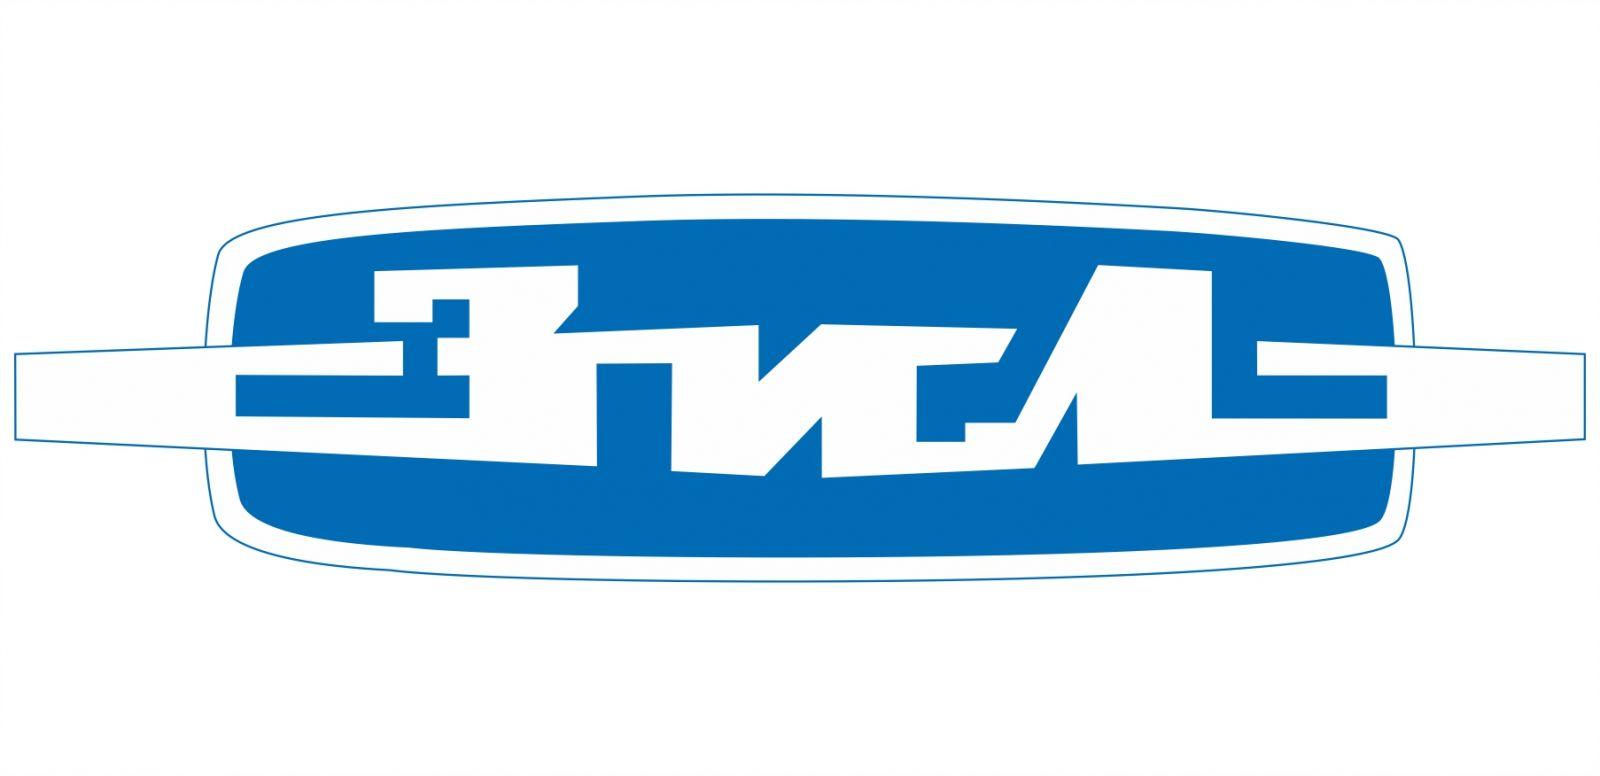 ZIL logo wallpapers HD